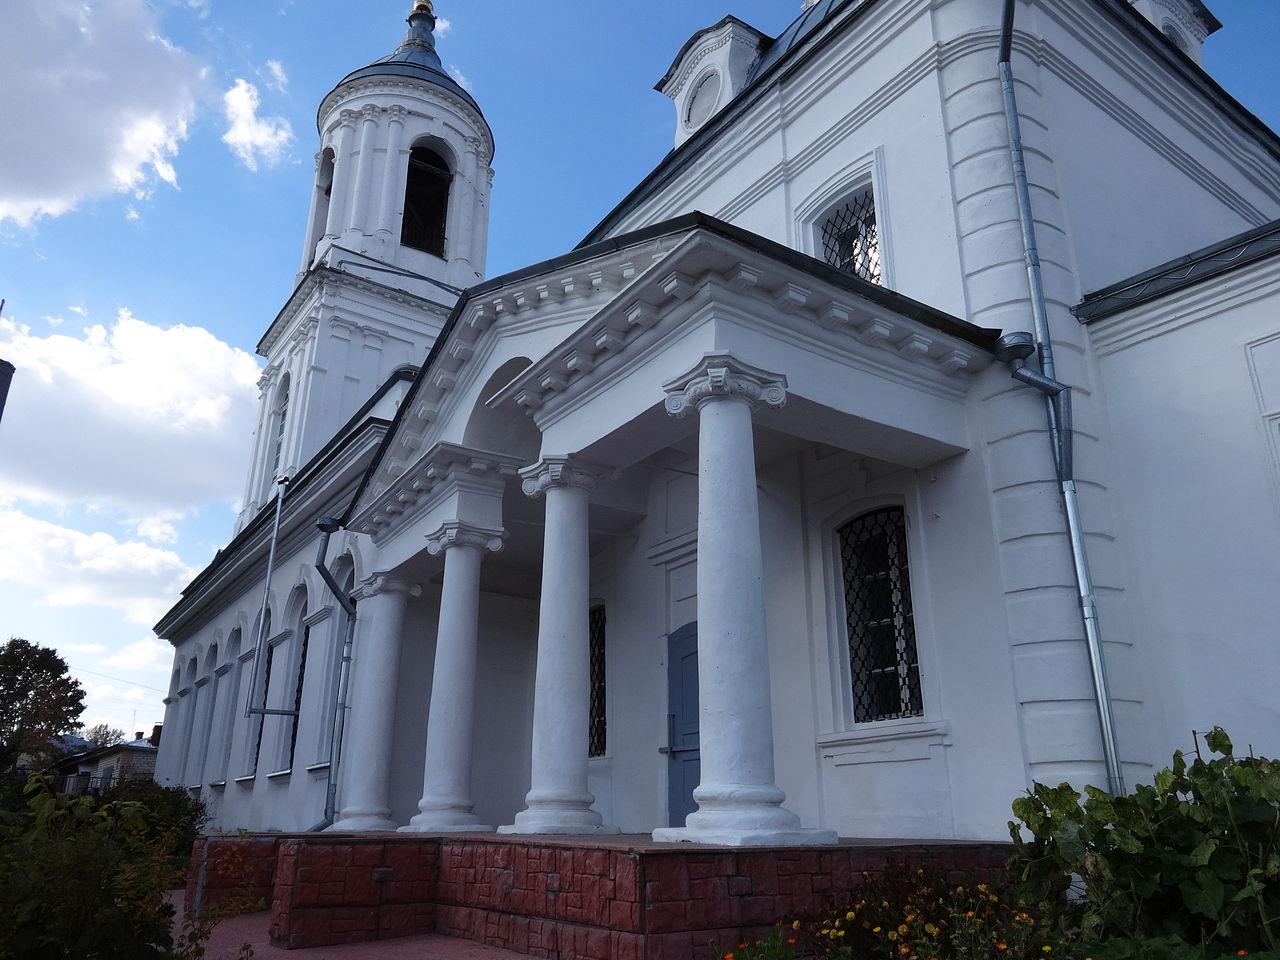 Церковь Смоленской иконы Божьей Матери, южный портик с колоннами